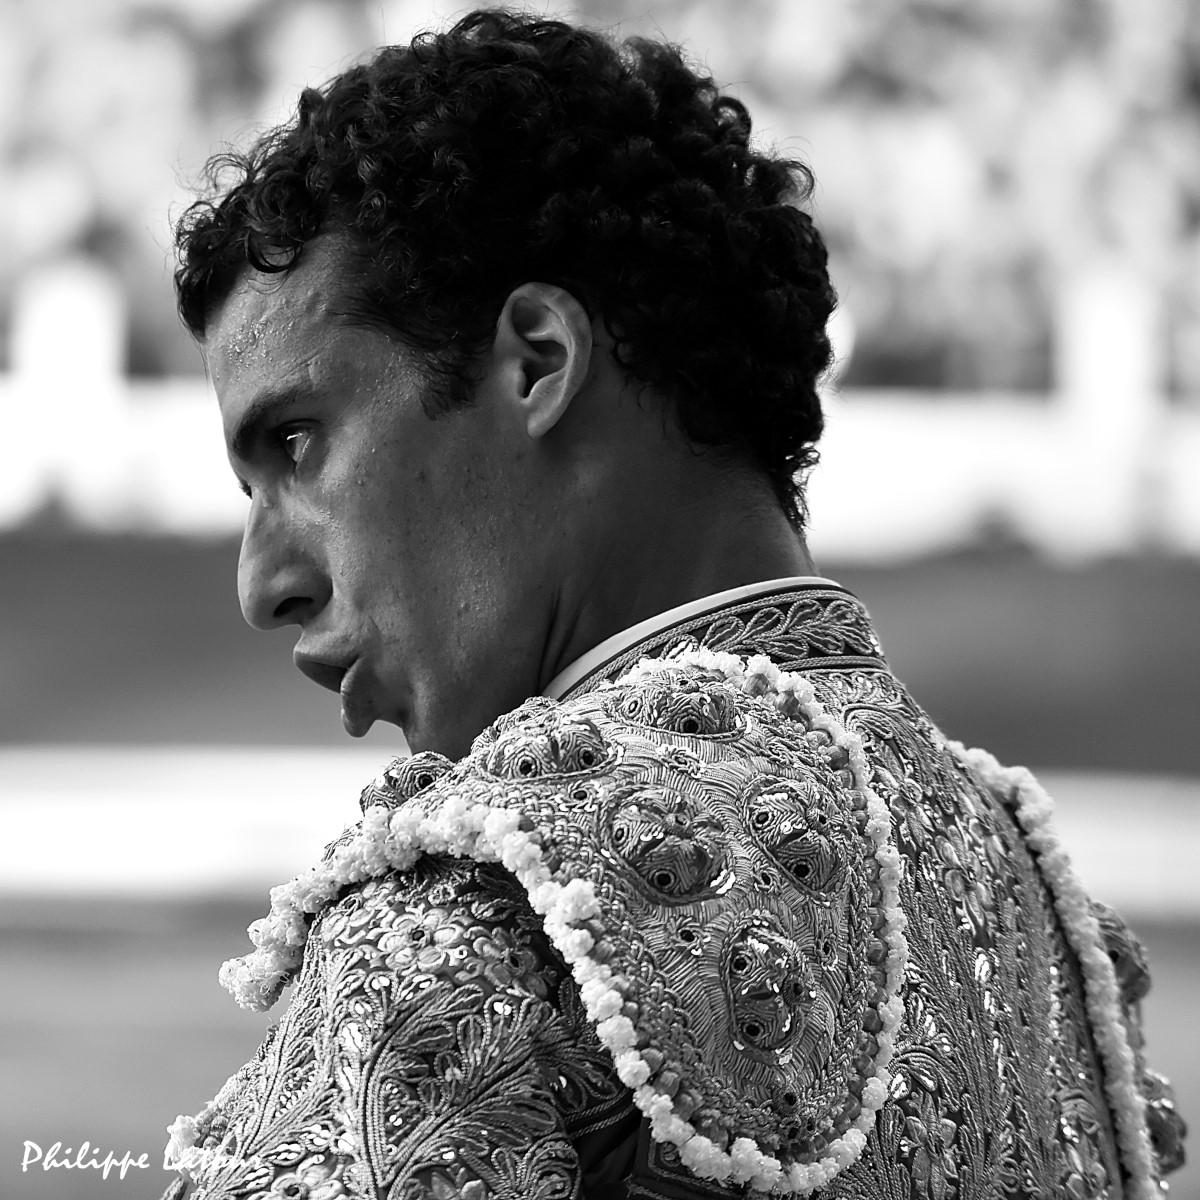 Morenito de Aranda ©philippelatour